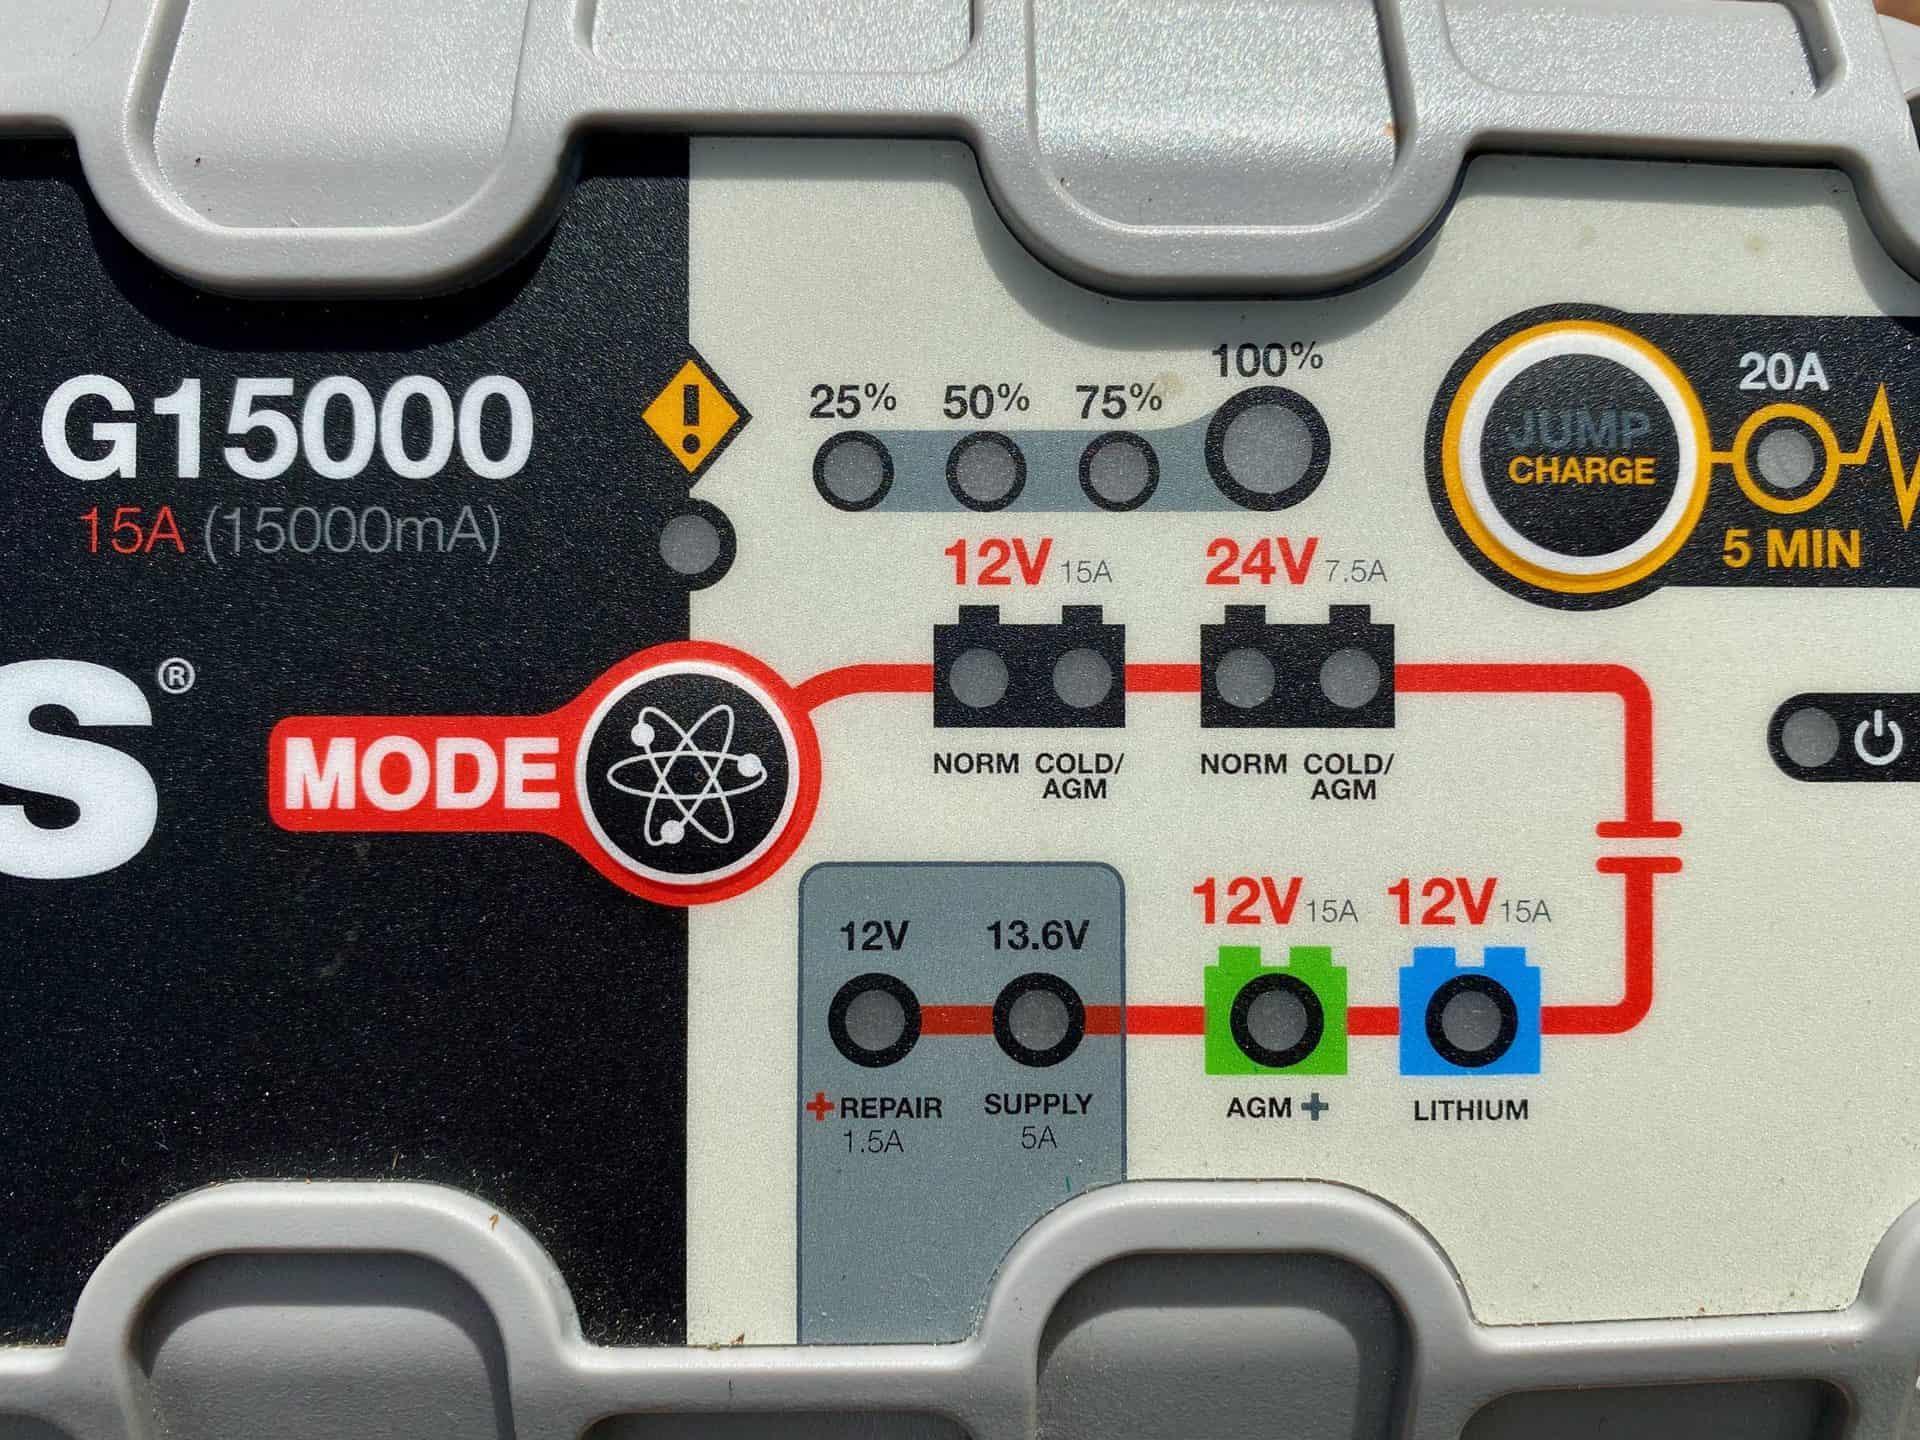 Noco-Genius-G15000-Details